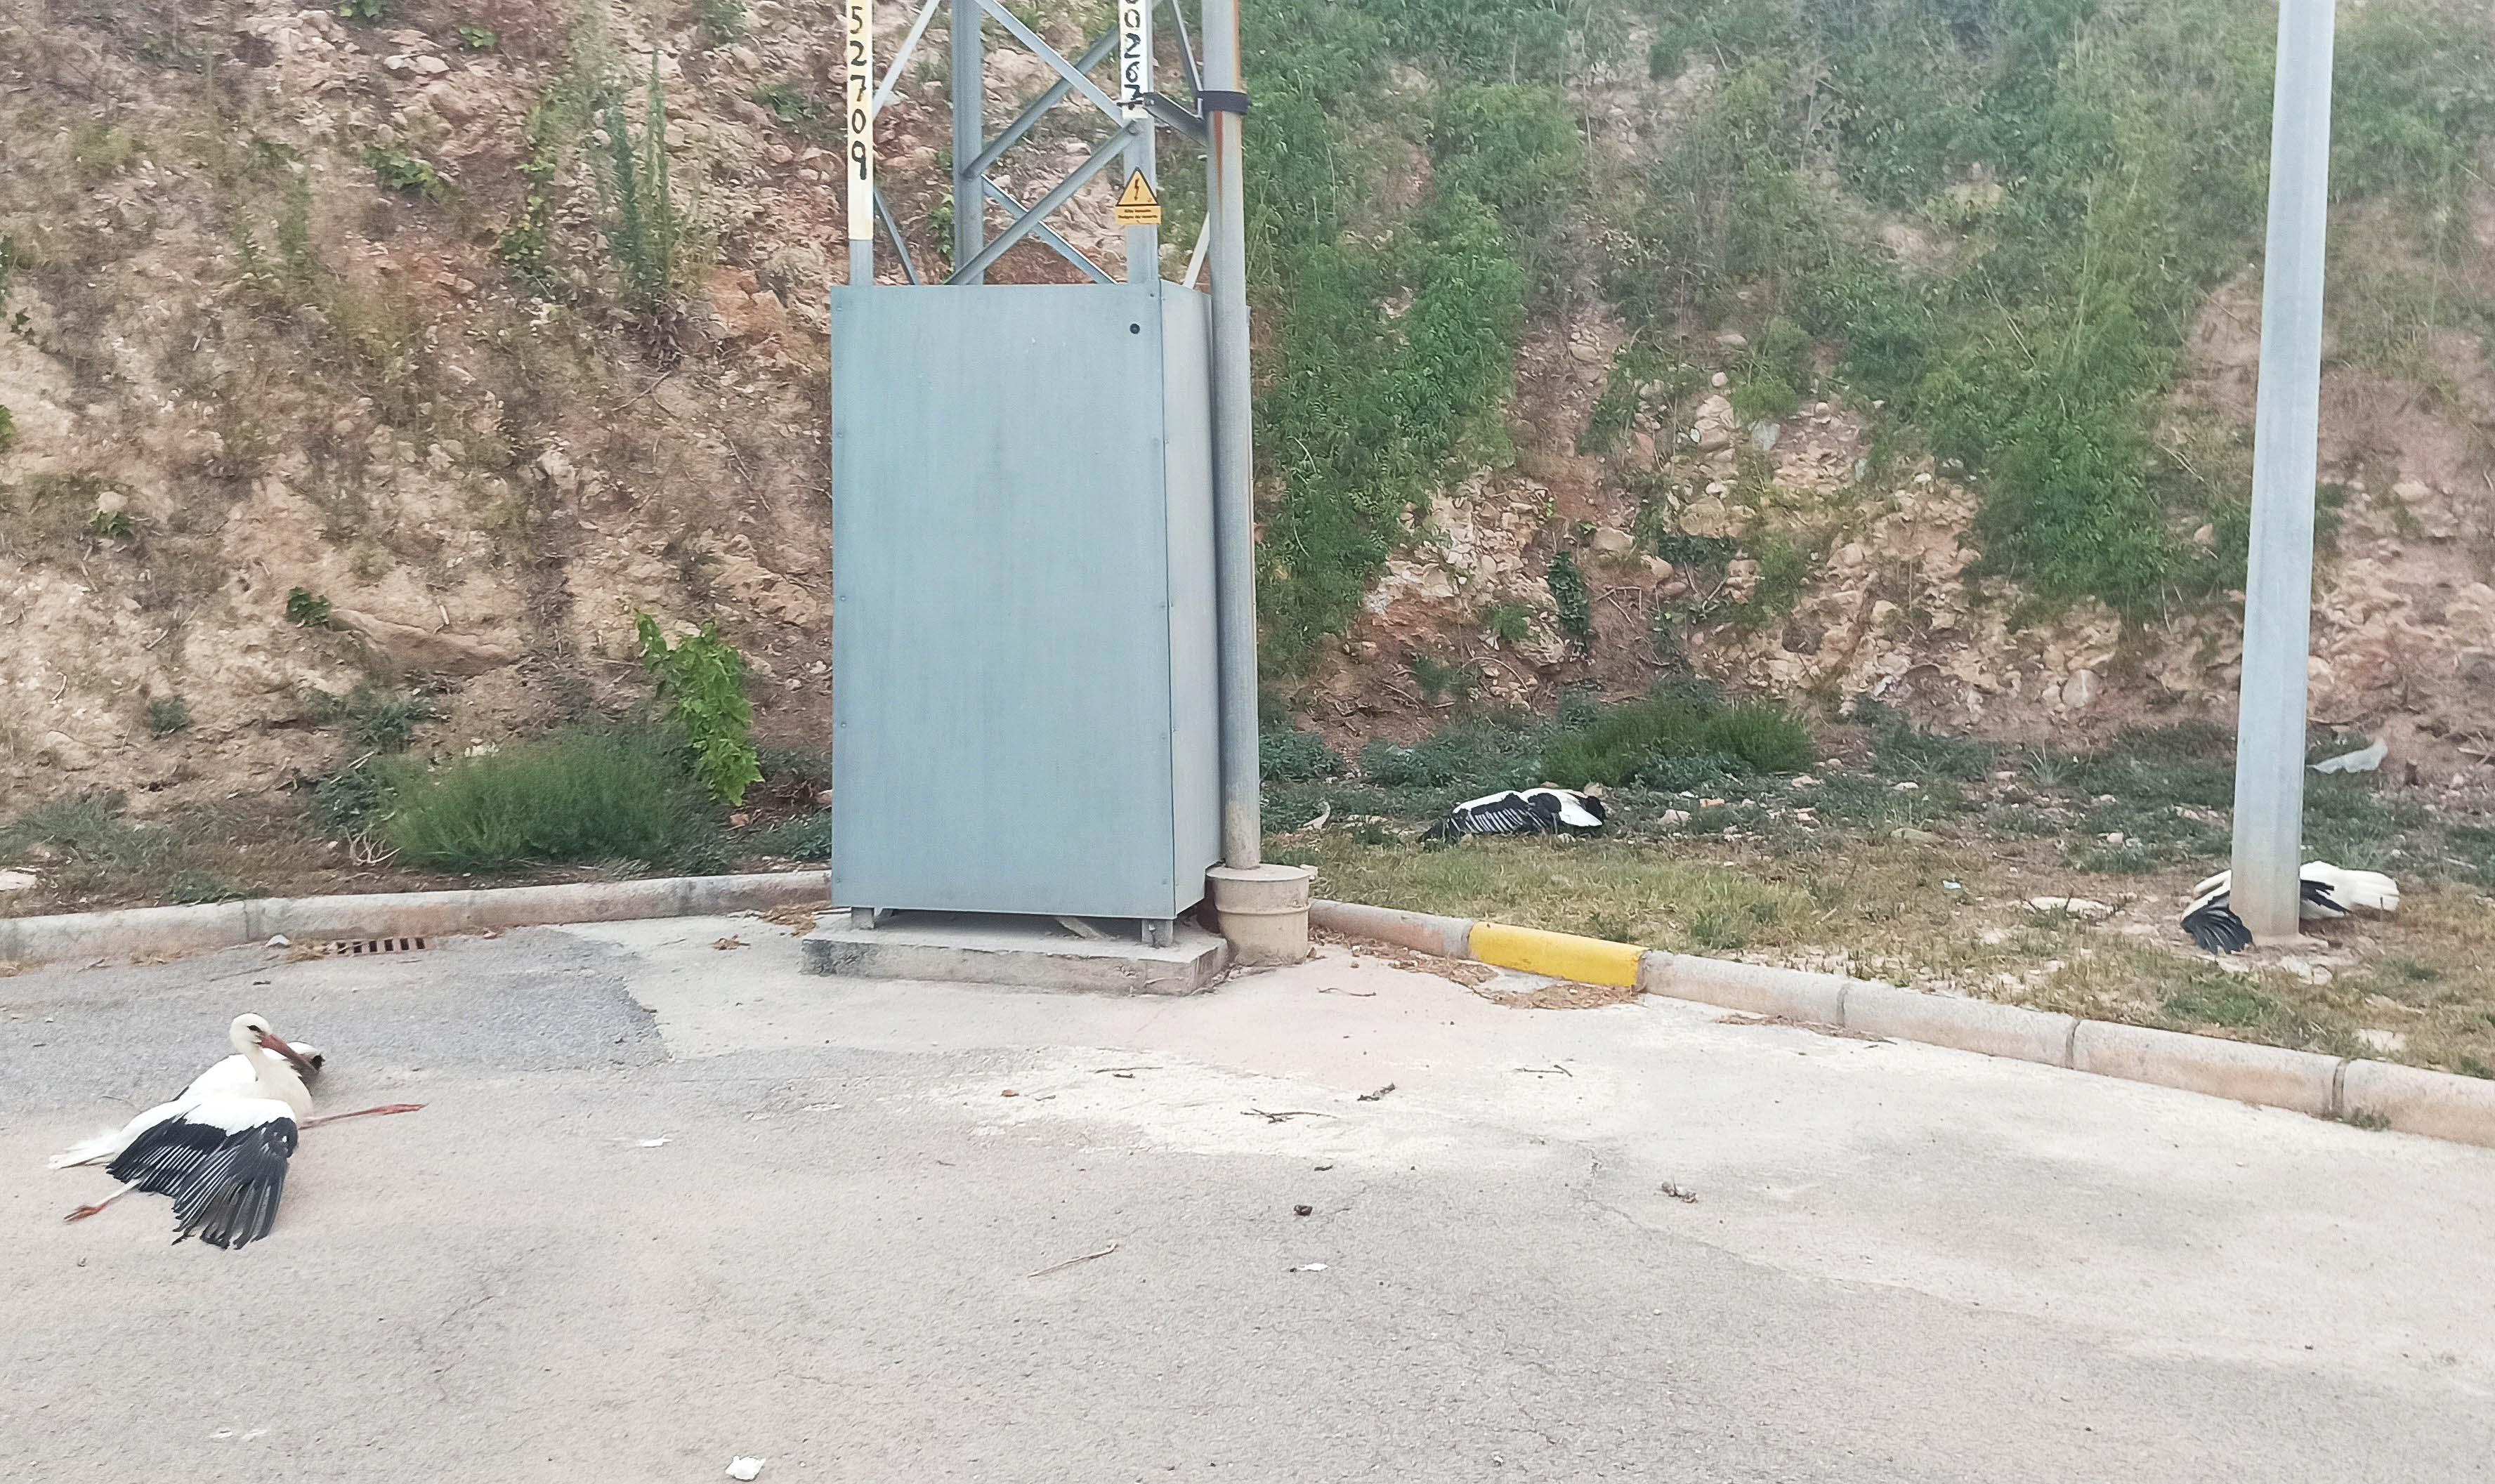 Tres cigüeñas halladas en agosto de 2020 junto a un poste de un tendido eléctrico valenciano sin elementos de protección, con síntomas de haber sufrido una electrocución. Imagen: SOV